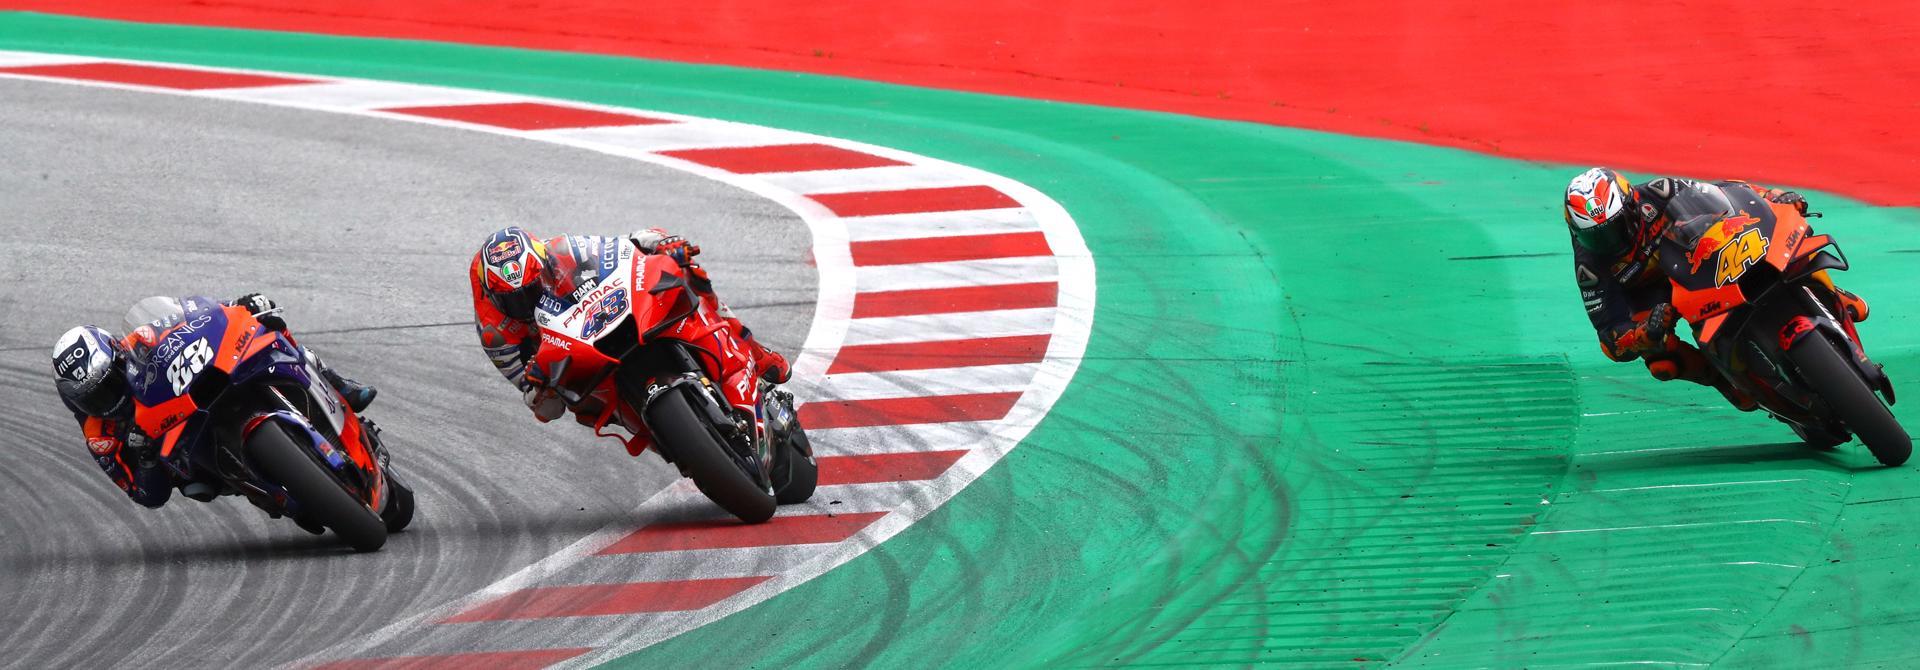 MotoGP 2020: Cờ đỏ lại xuất hiện và chiến thắng đầu tay cho Oliveira